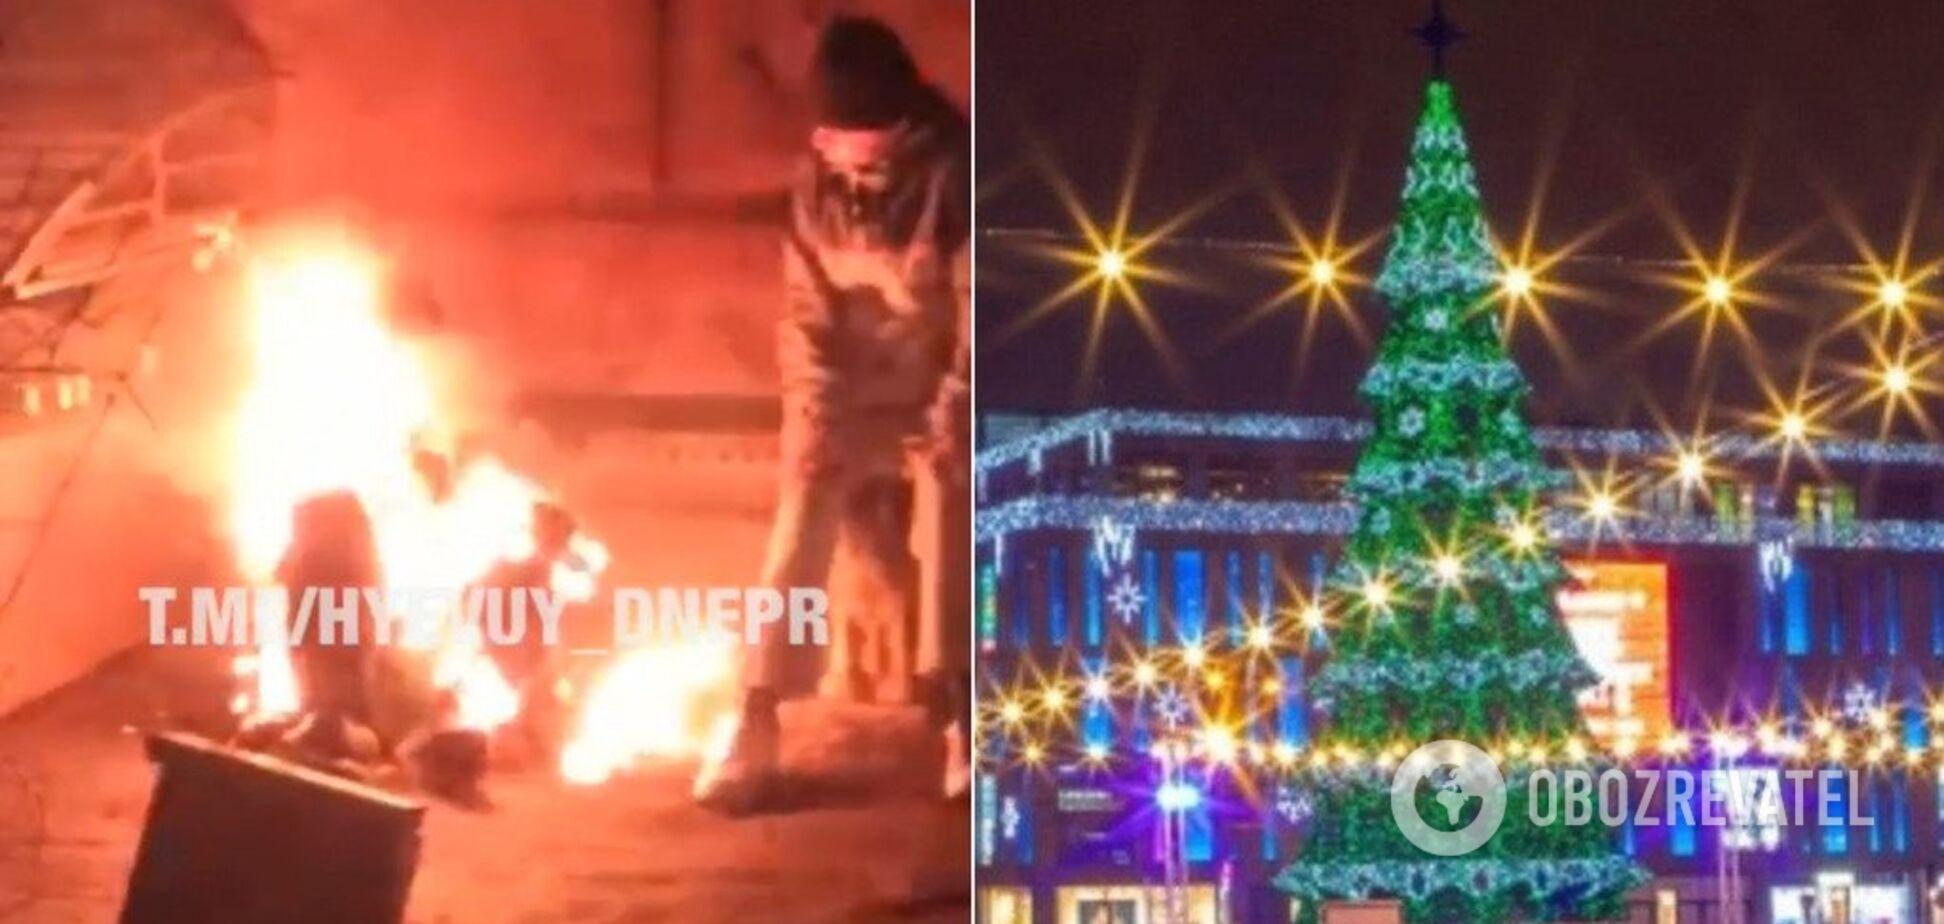 В центре Днепра заживо сгорел человек: полиция обвинила свидетелей